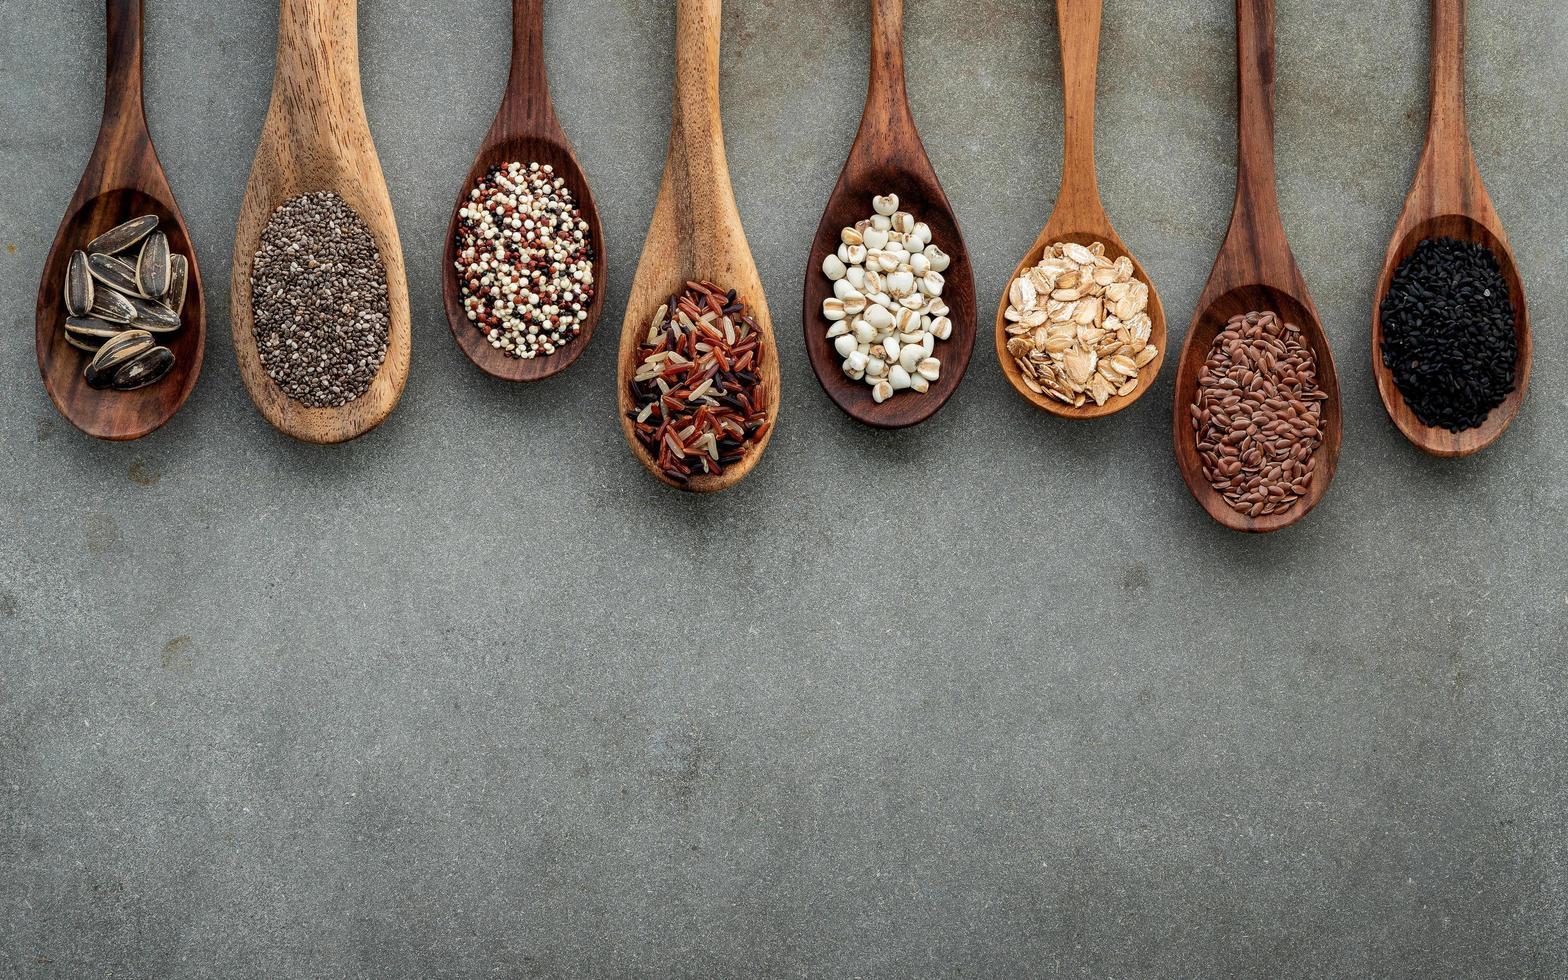 cucchiai di grani su cemento foto